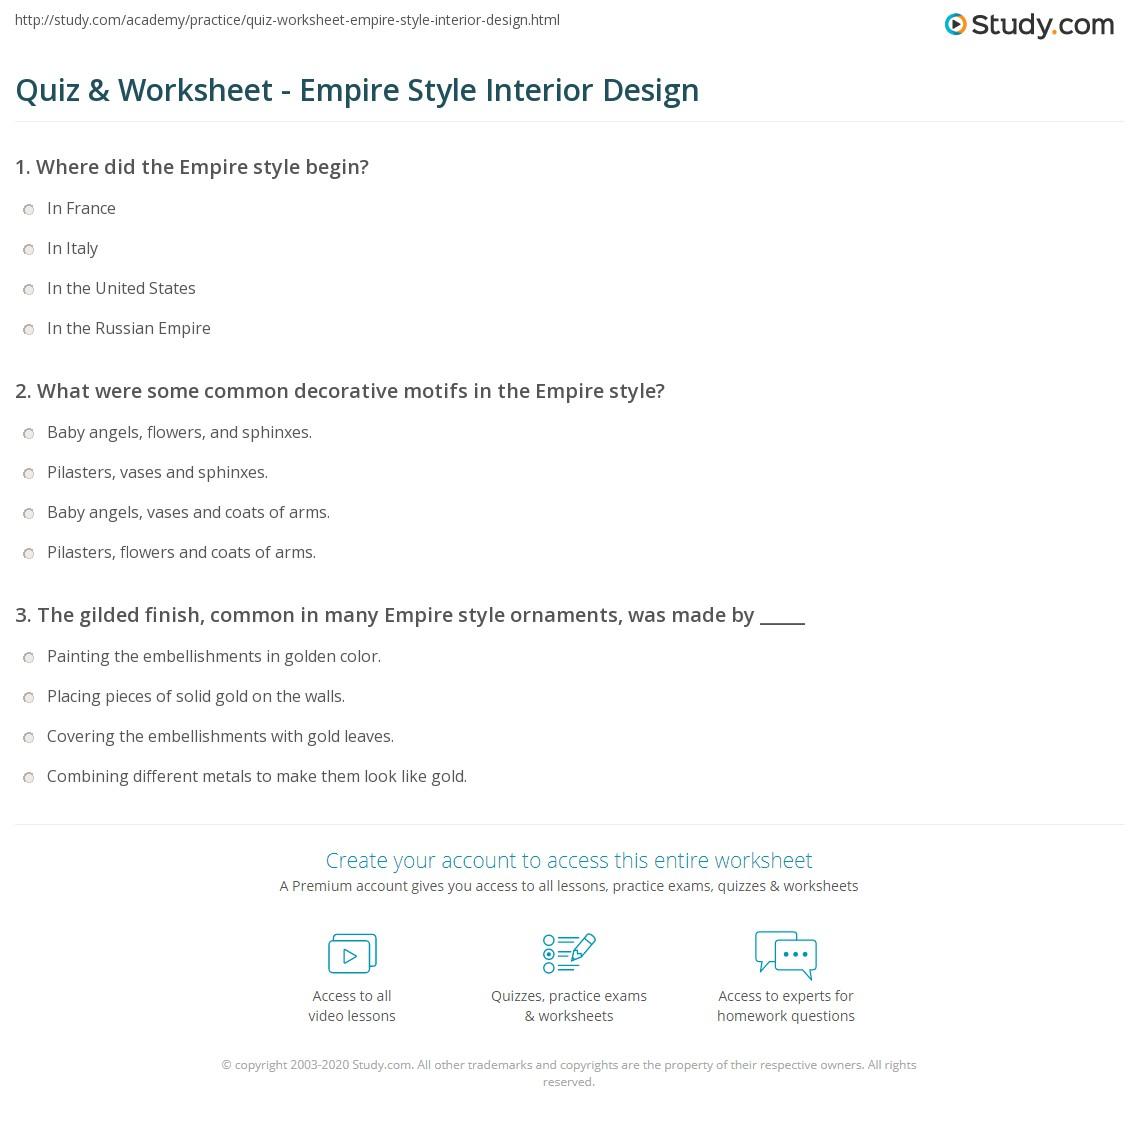 Merveilleux Print Empire Style Interior Design Worksheet